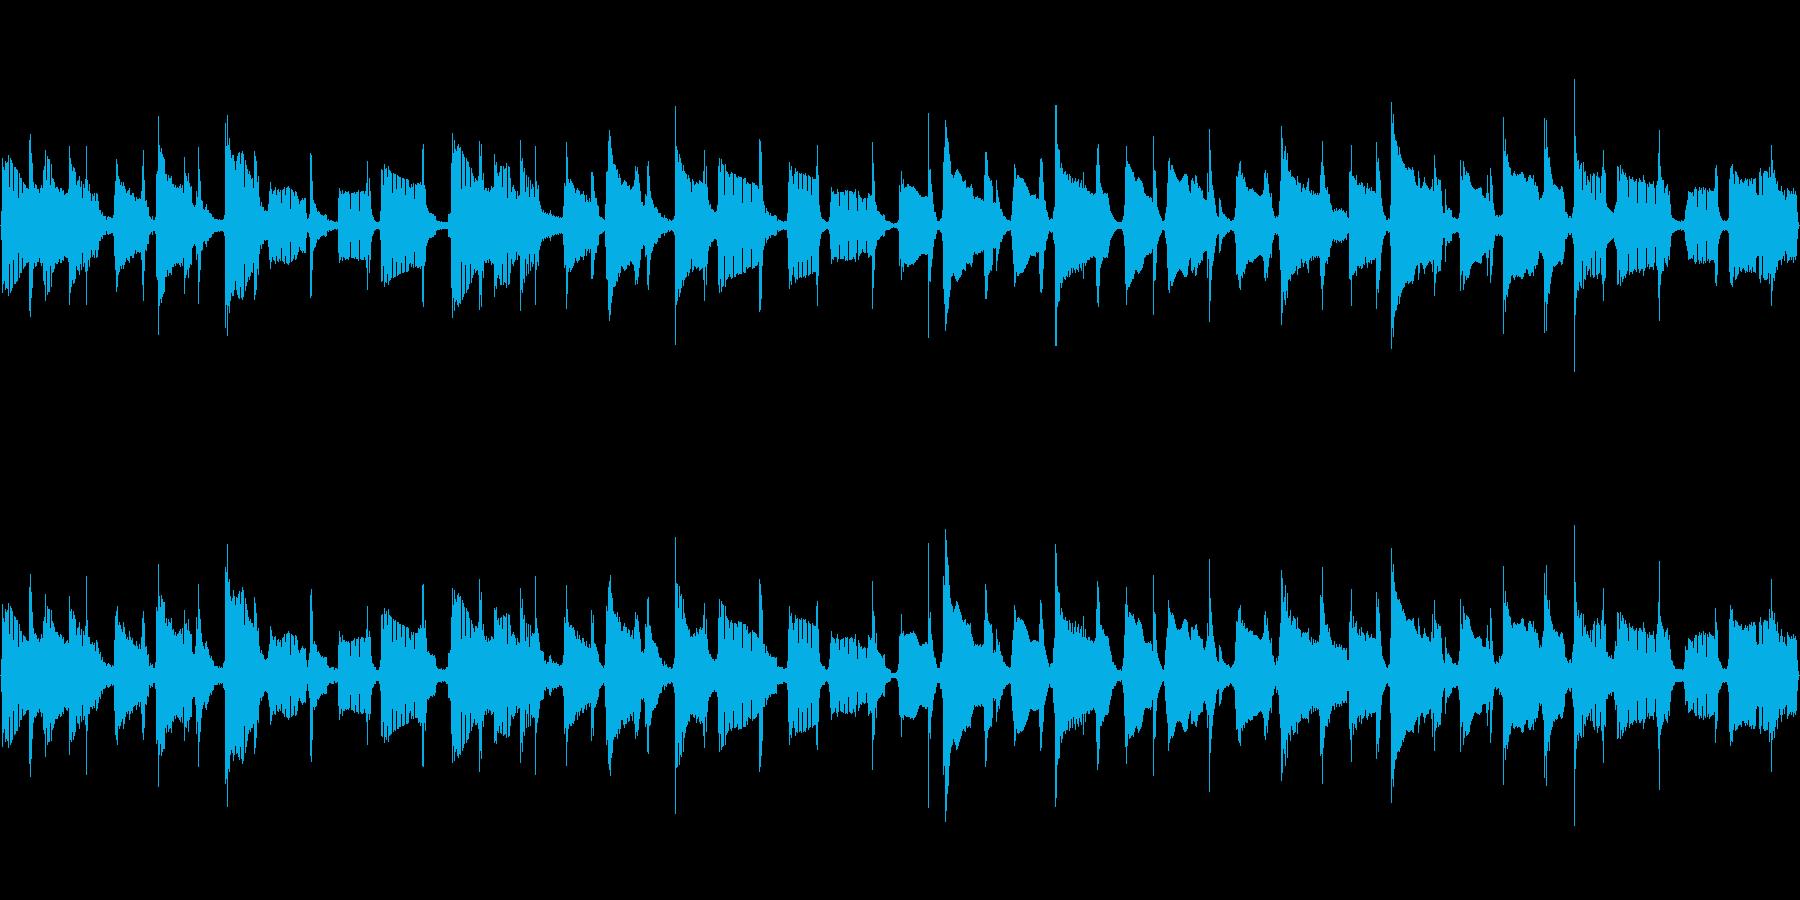 【32秒】シンプルなウクレレバンド曲の再生済みの波形